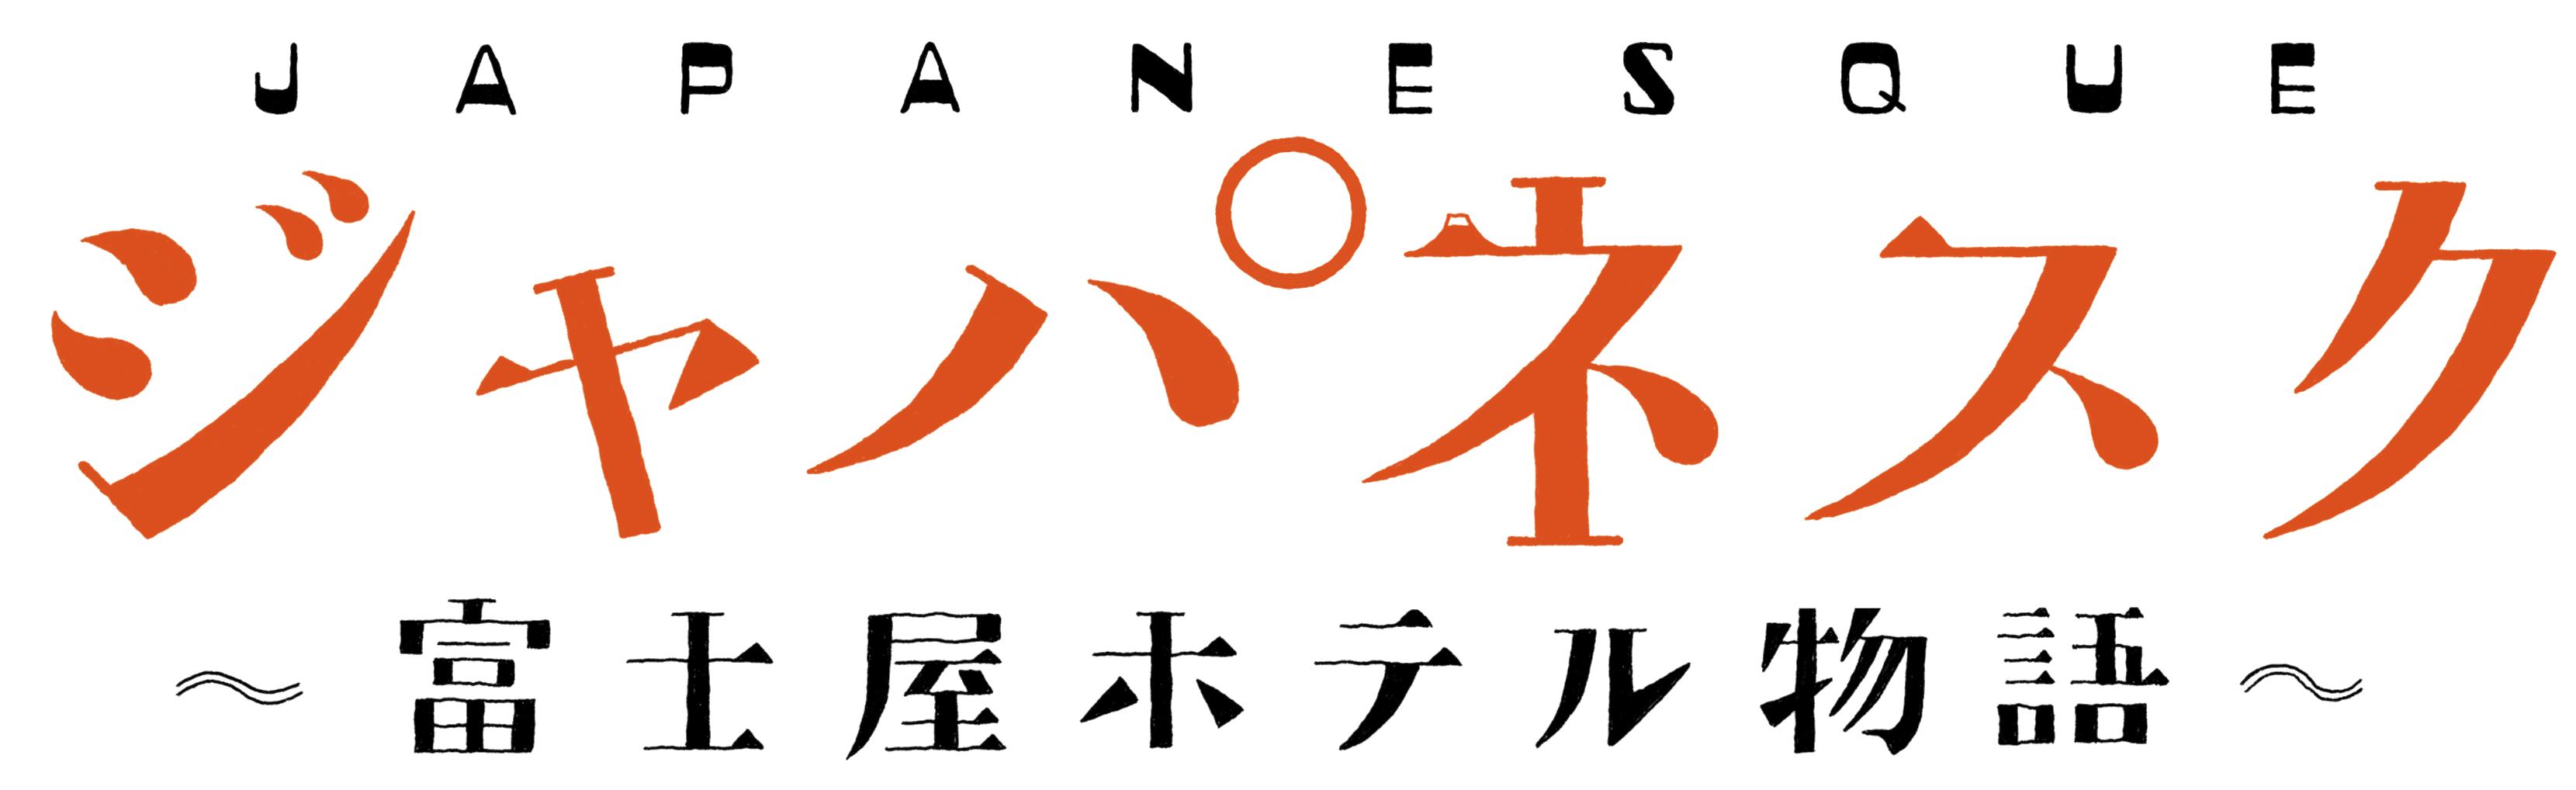 ジャパネスク 富士屋ホテル物語